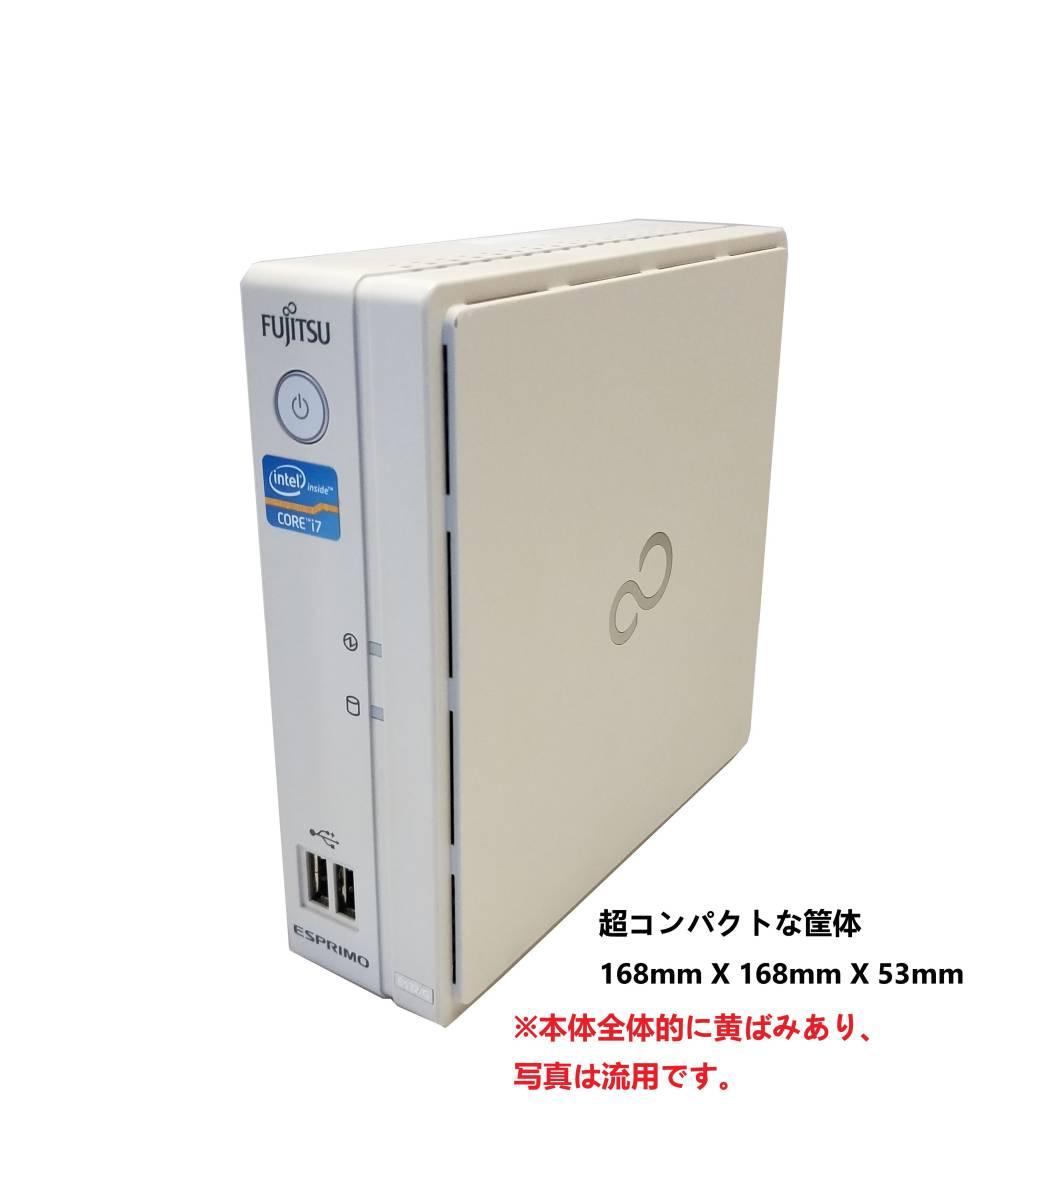 ■驚速 超省スペースタイプ Fujitsu Core i7-3770T 2.5-3.7GHz x8/16GB■新品SSD:960GB Win10/Office2019 Pro/無線 WiFi.■B532/G -5_画像1